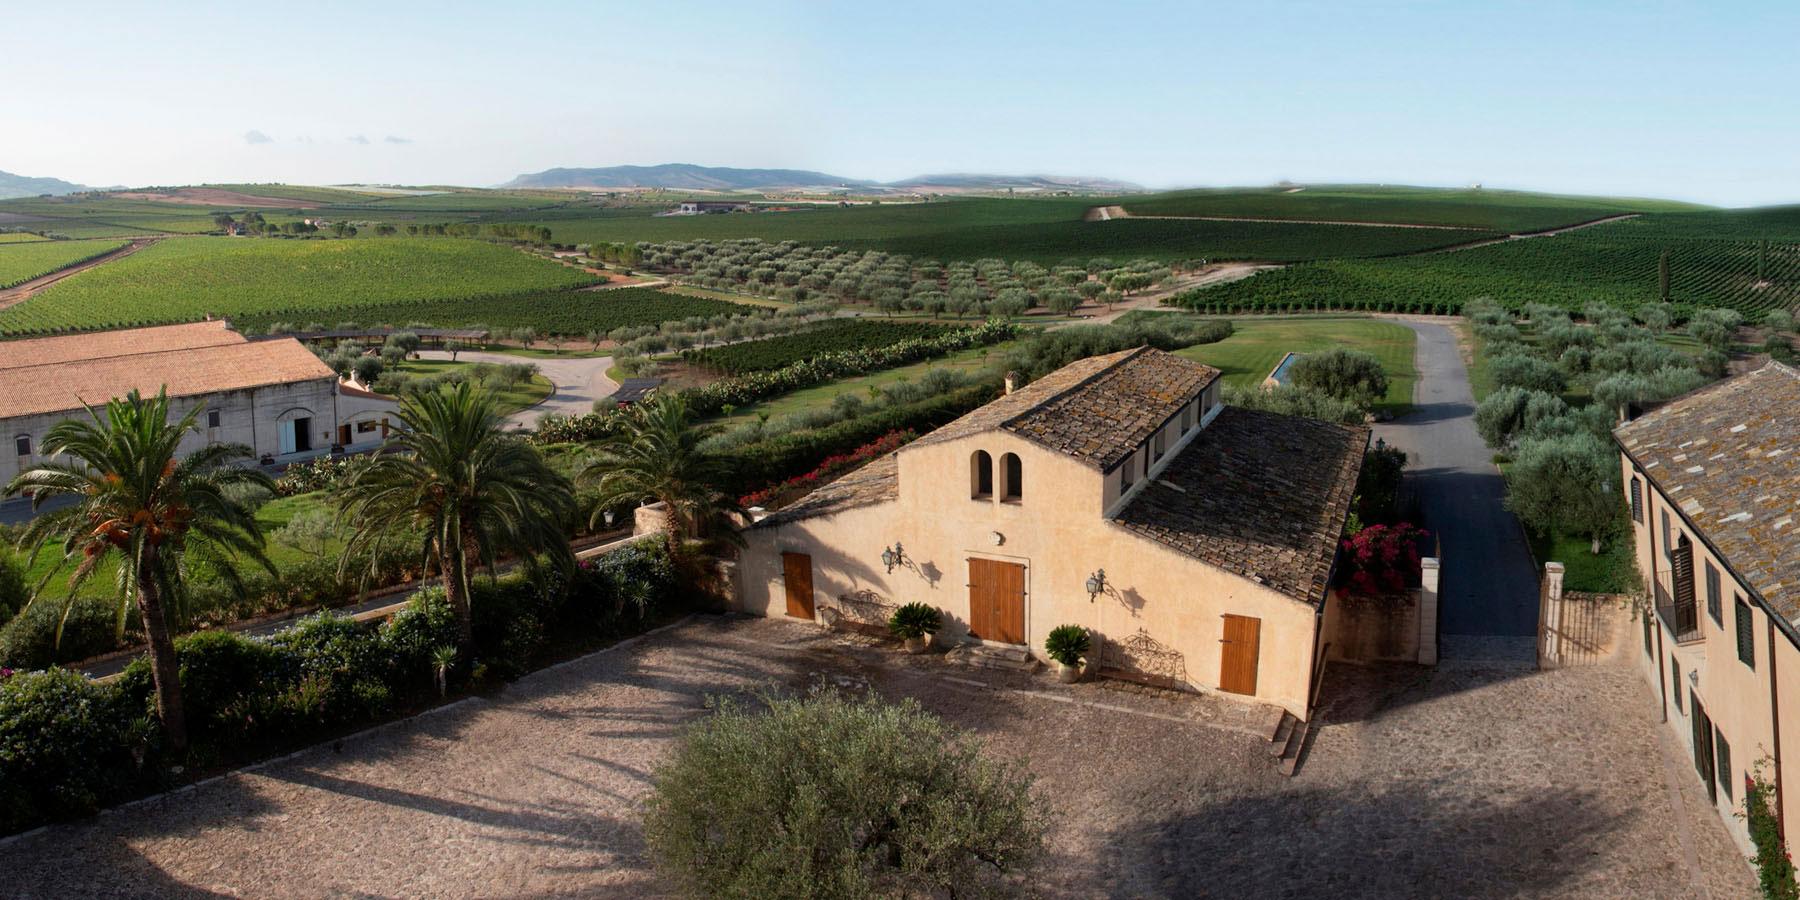 L'Estate è un lontano ricordo? Torna in Vacanza con questi fantastici Vini di Principi di Butera!